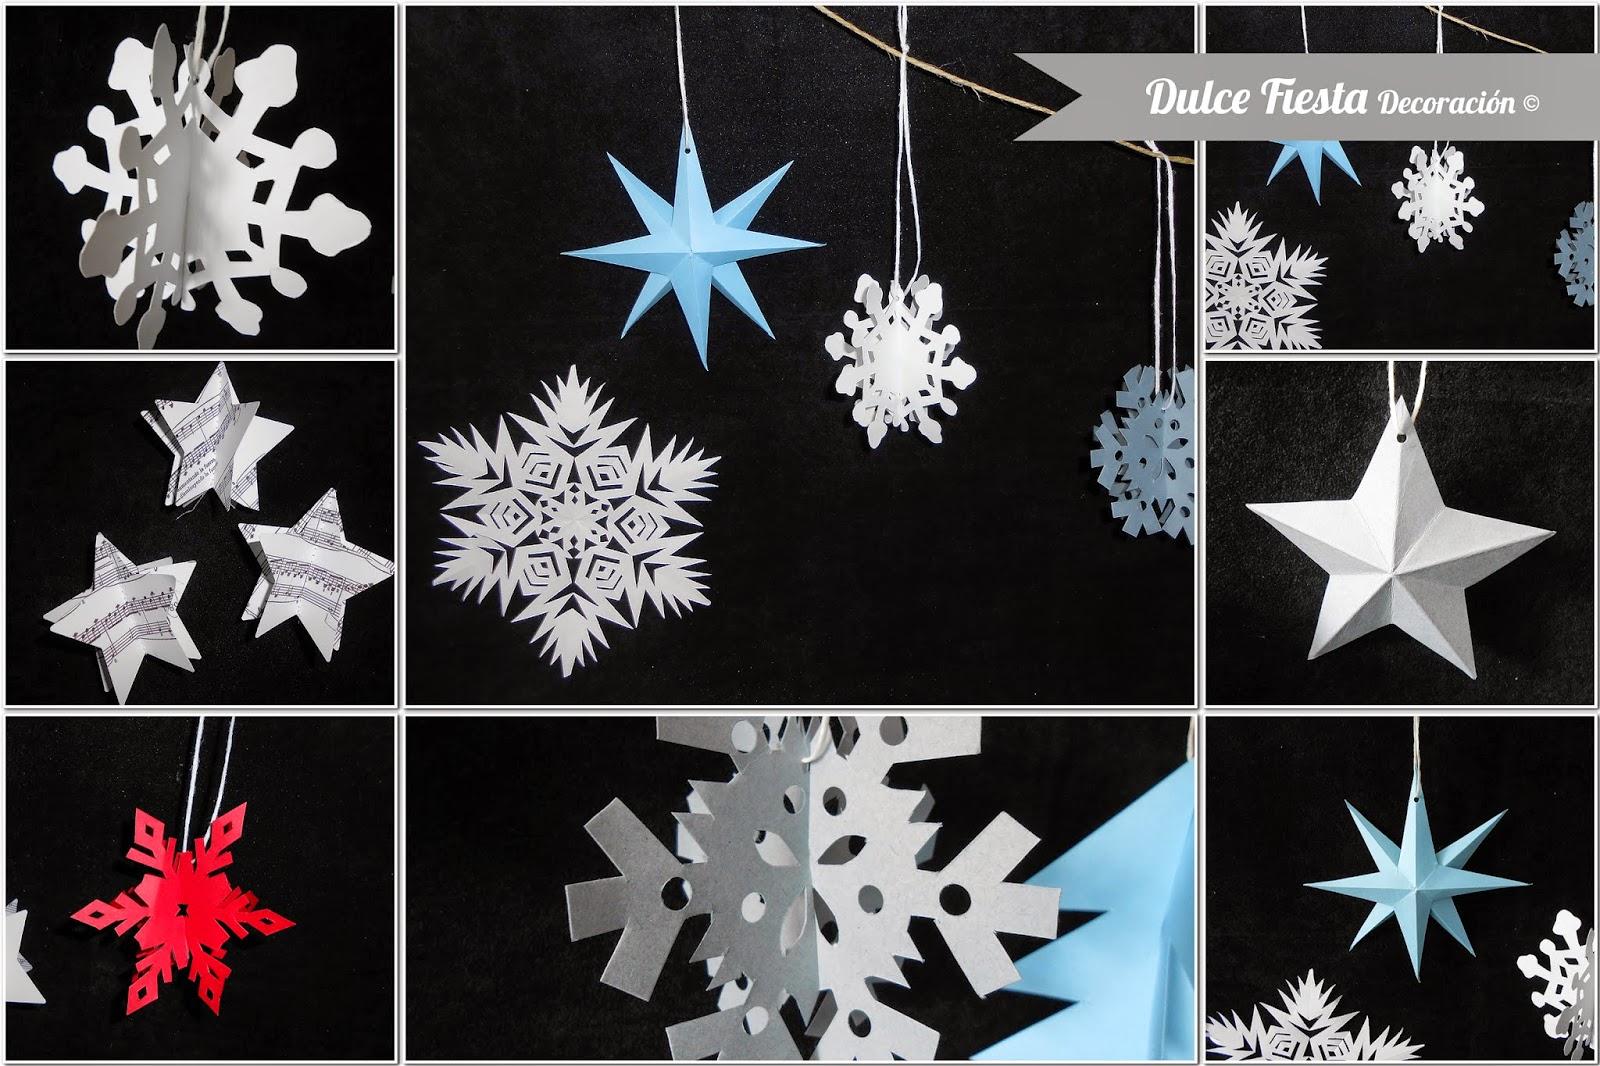 Dise o y decoraci n personalizada para eventos diy - Adornos de navidad con papel ...